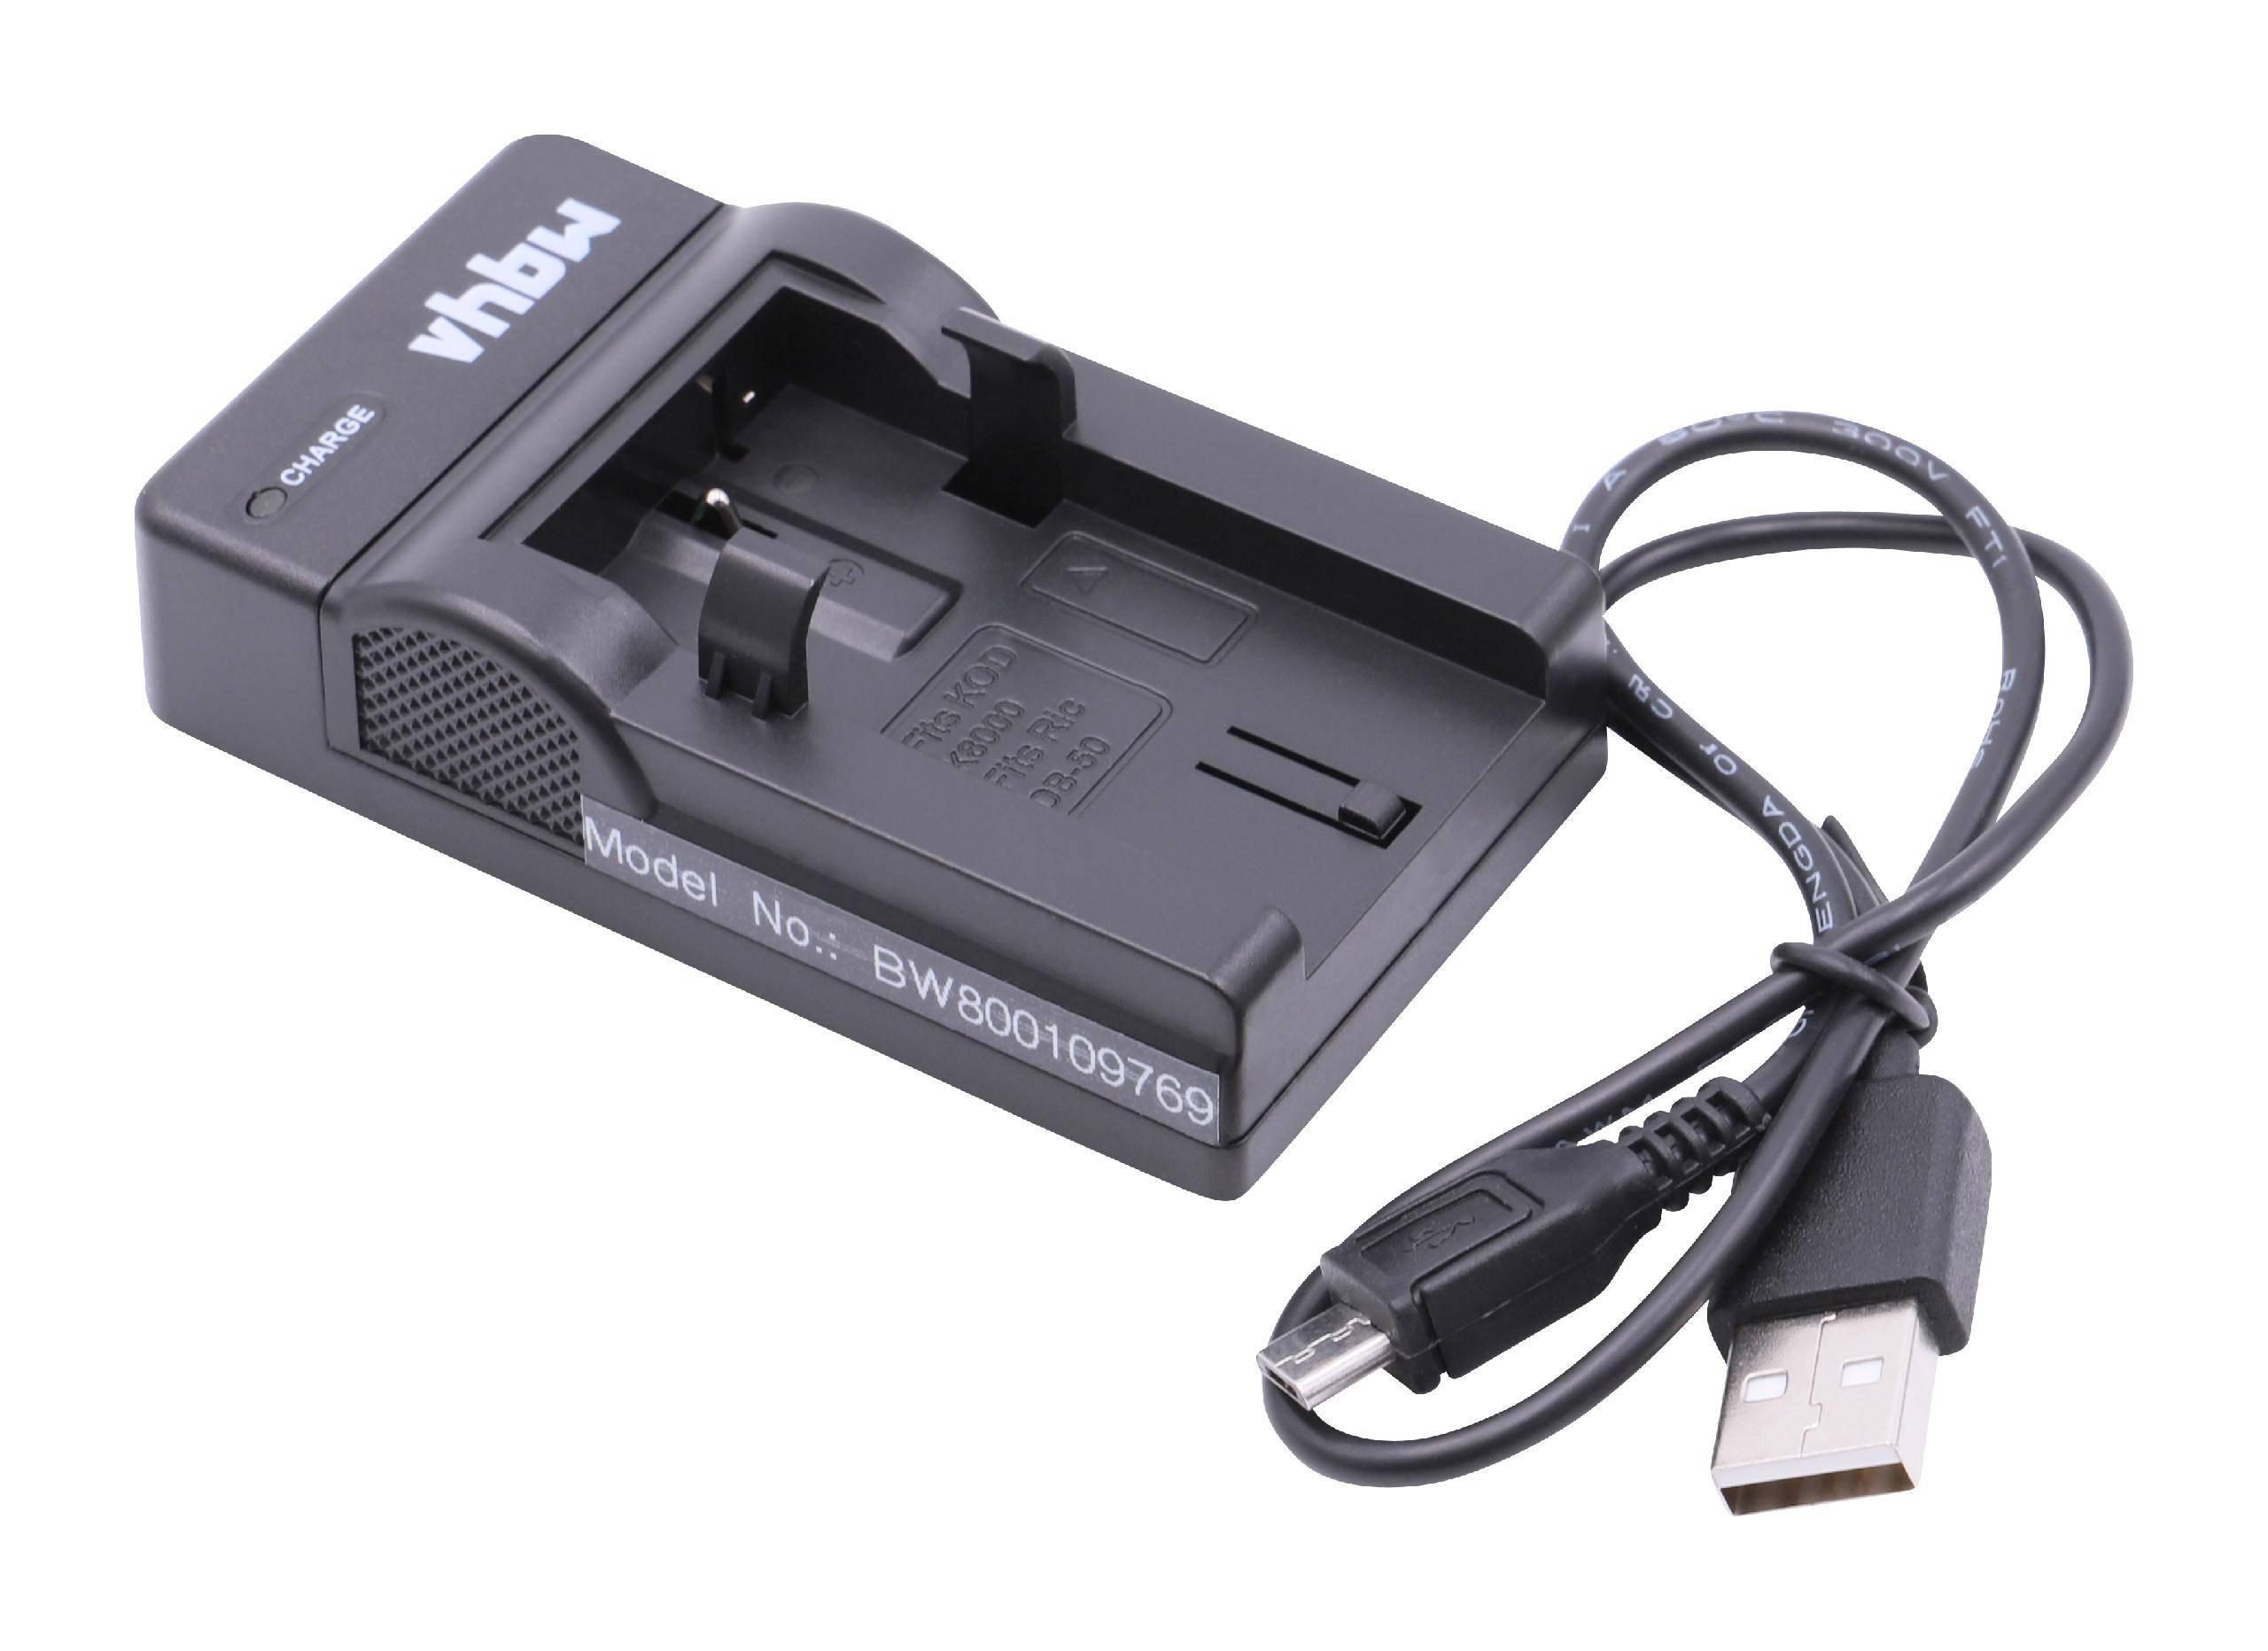 vhbw Micro USB Ladegerät Ladekabel passend für Kamera RICOH CAPLIO (passt nicht in der Caplio R1 V), R 1, R1, R1S, R2, R